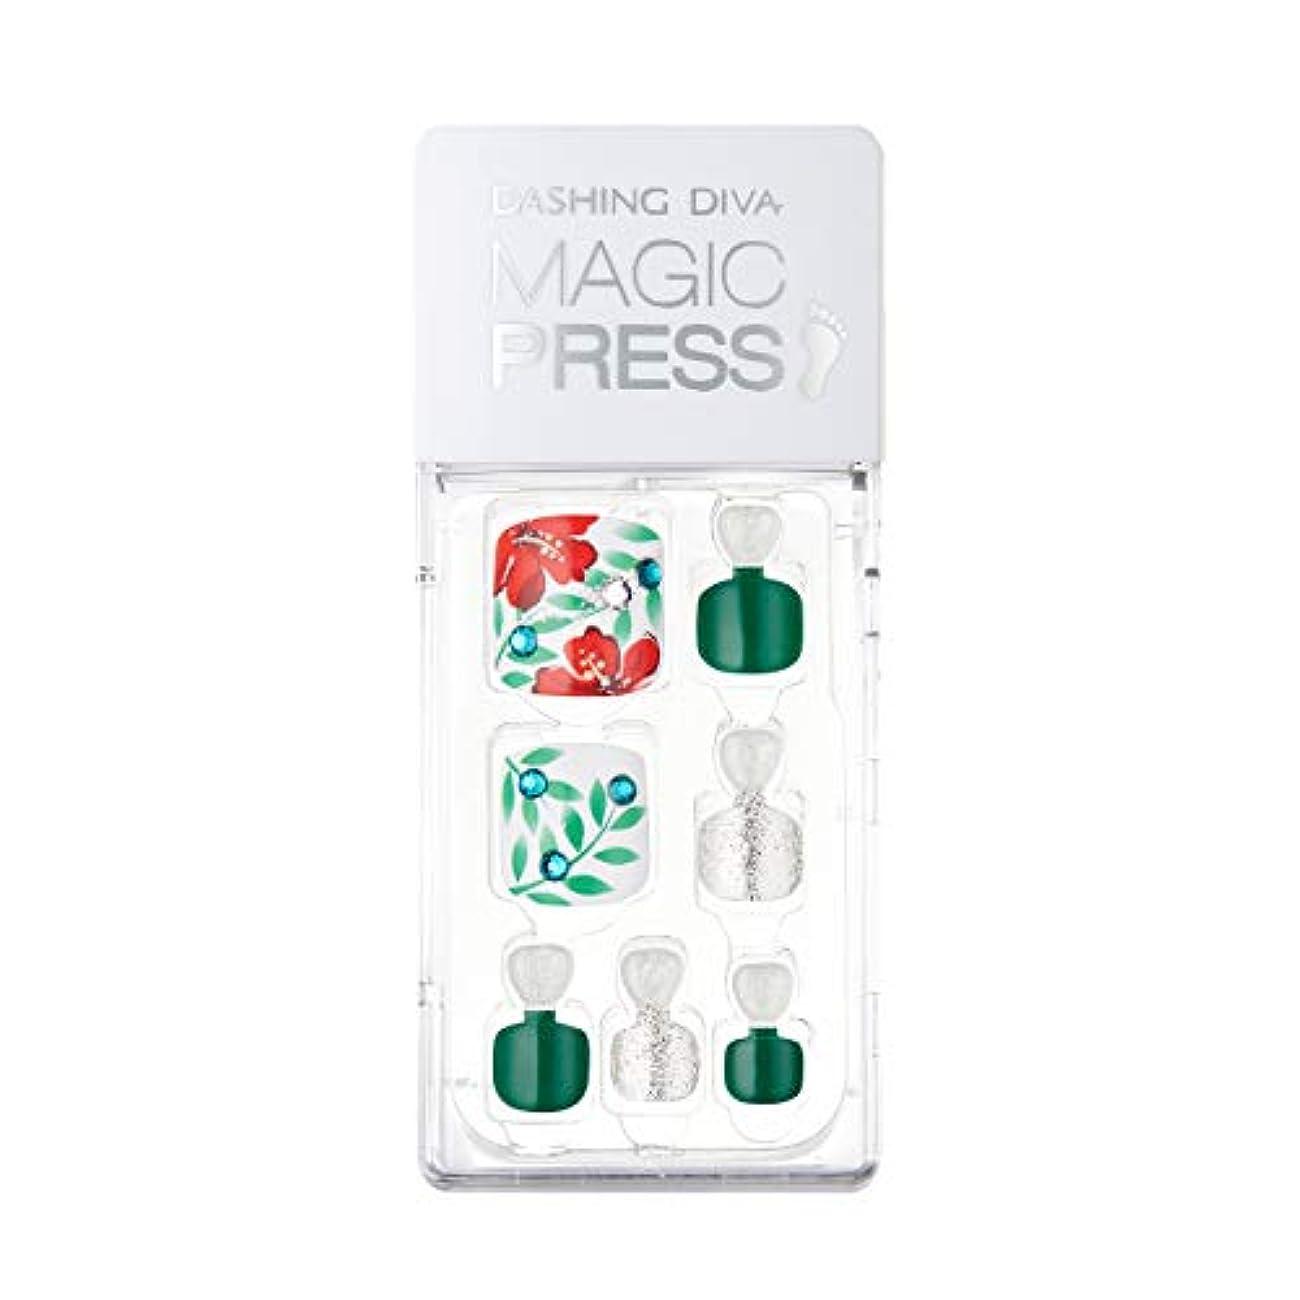 民間人スピーチ製油所ダッシングディバ マジックプレス DASHING DIVA MagicPress MDR_377P-DURY+ オリジナルジェル ネイルチップ Maxi Dress